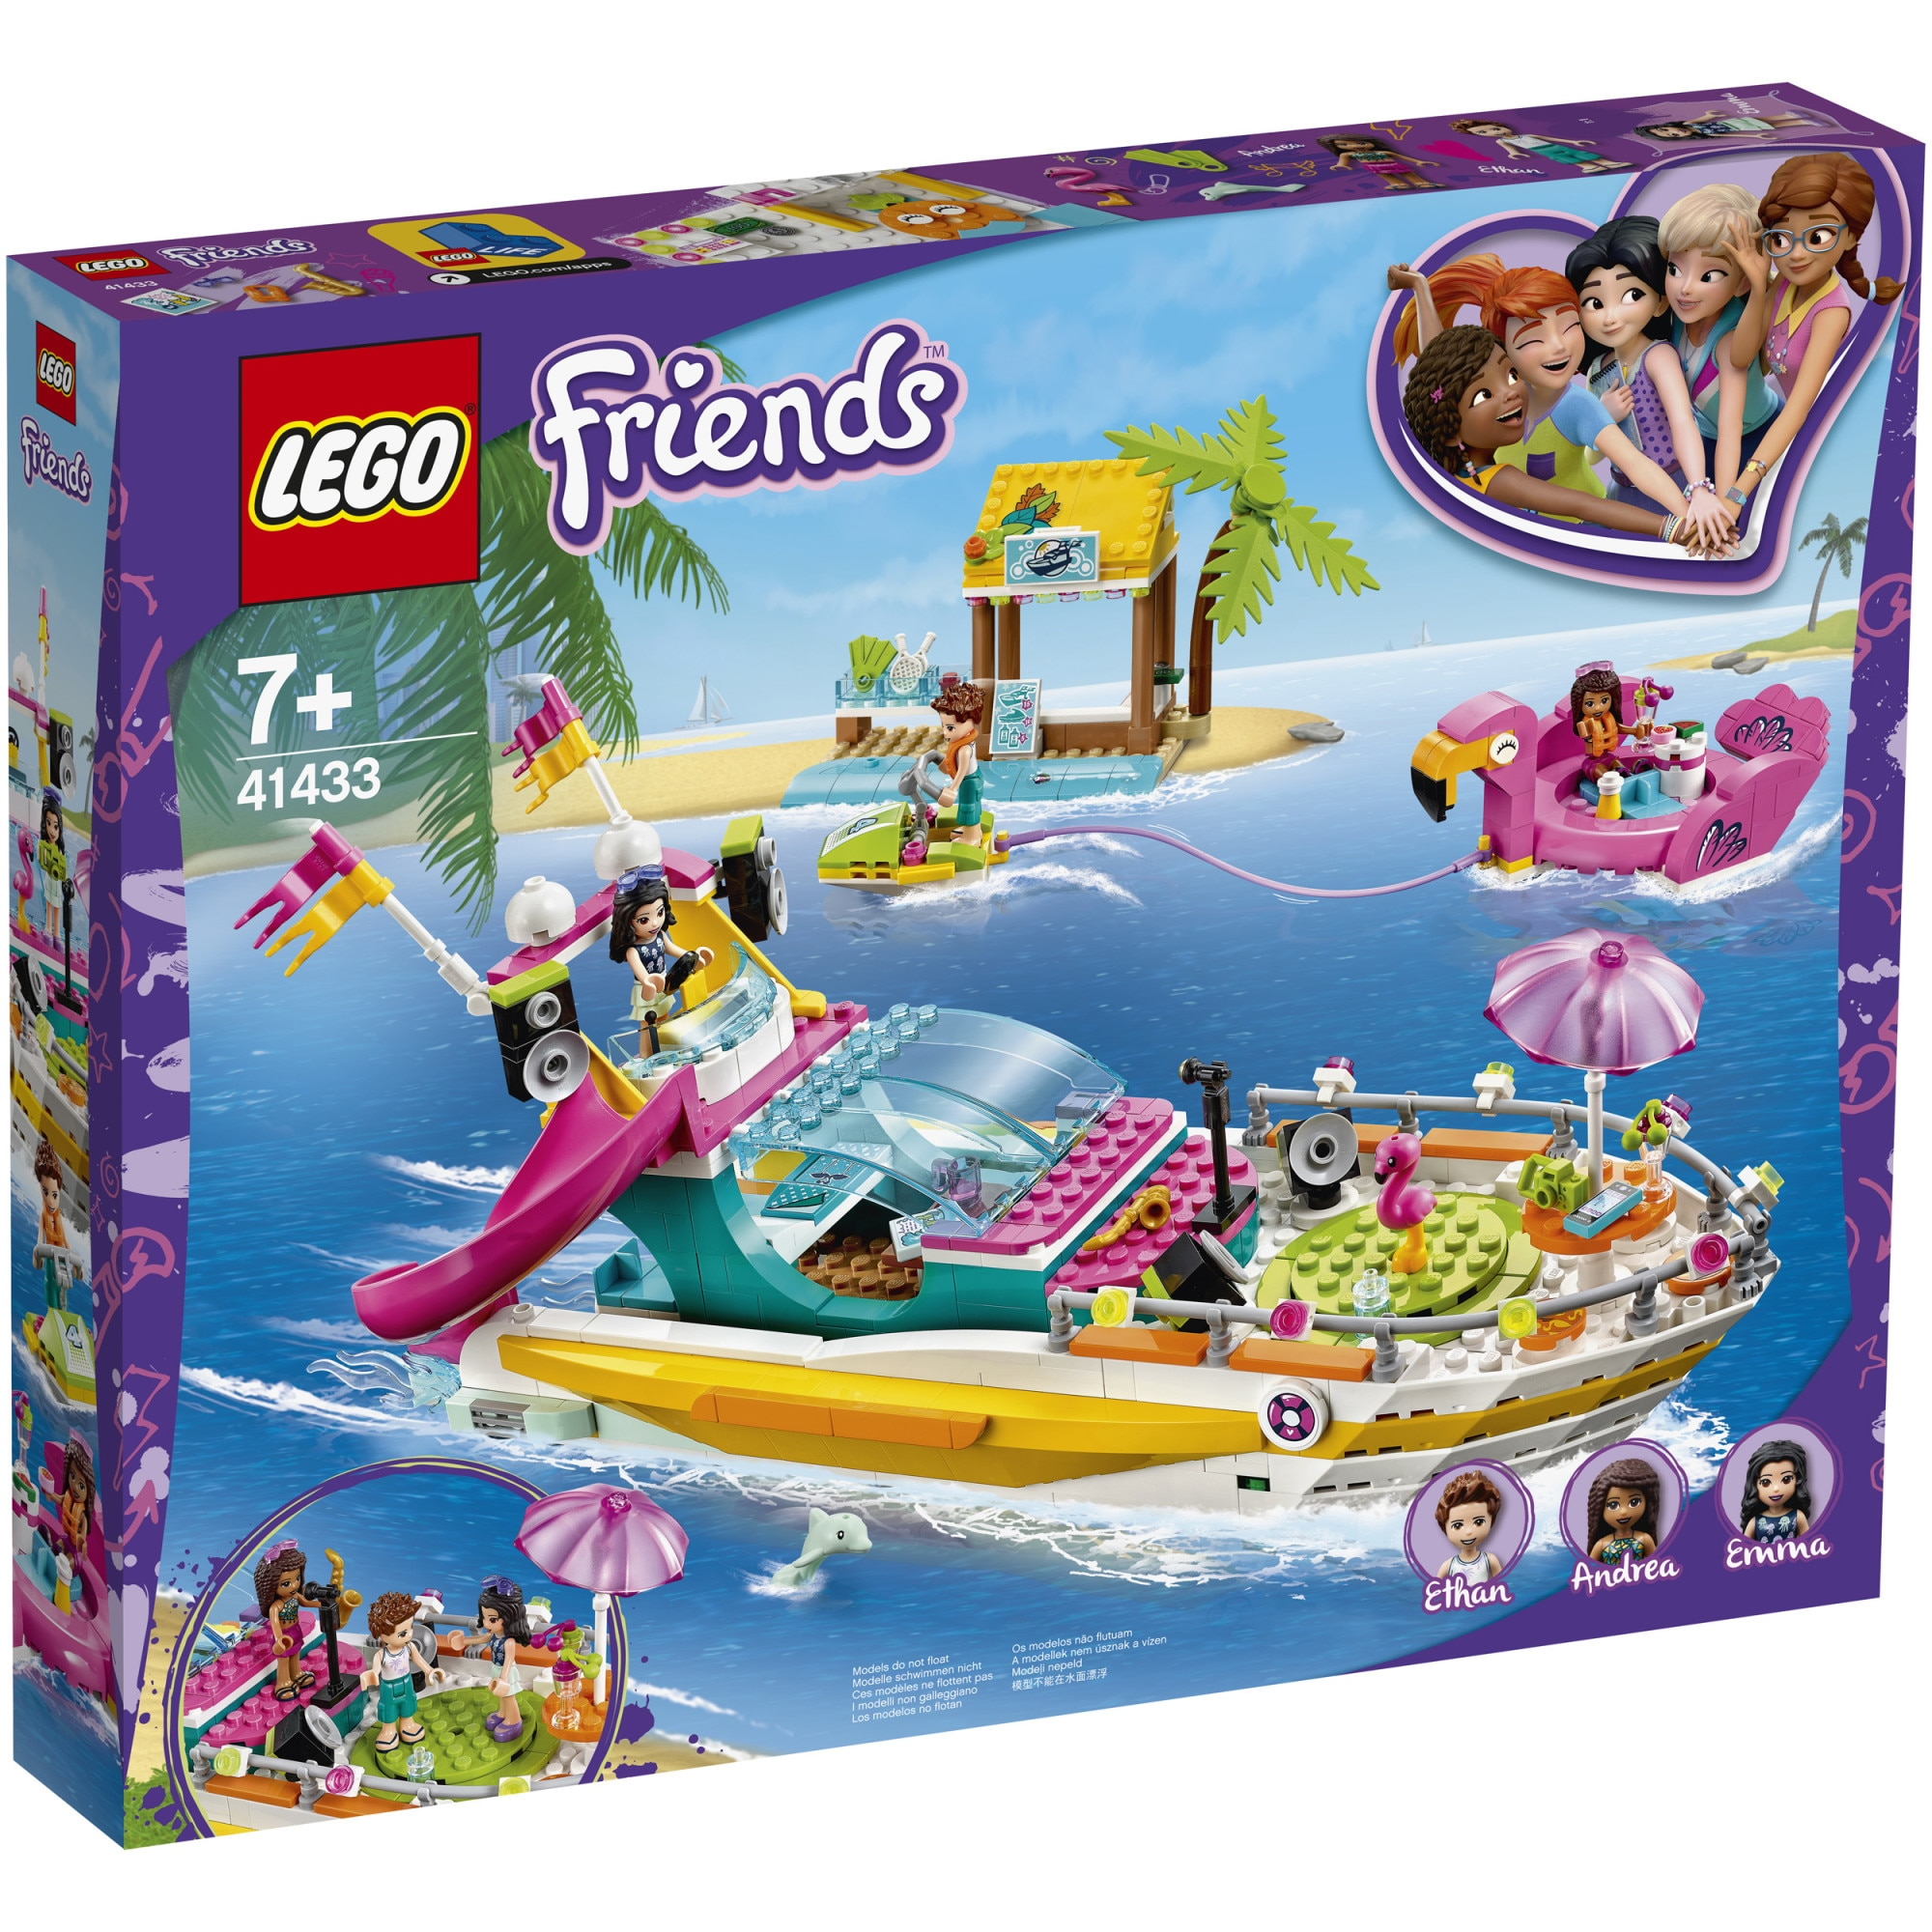 Fotografie LEGO Friends - Petrecerea pe barca 41433, 640 piese